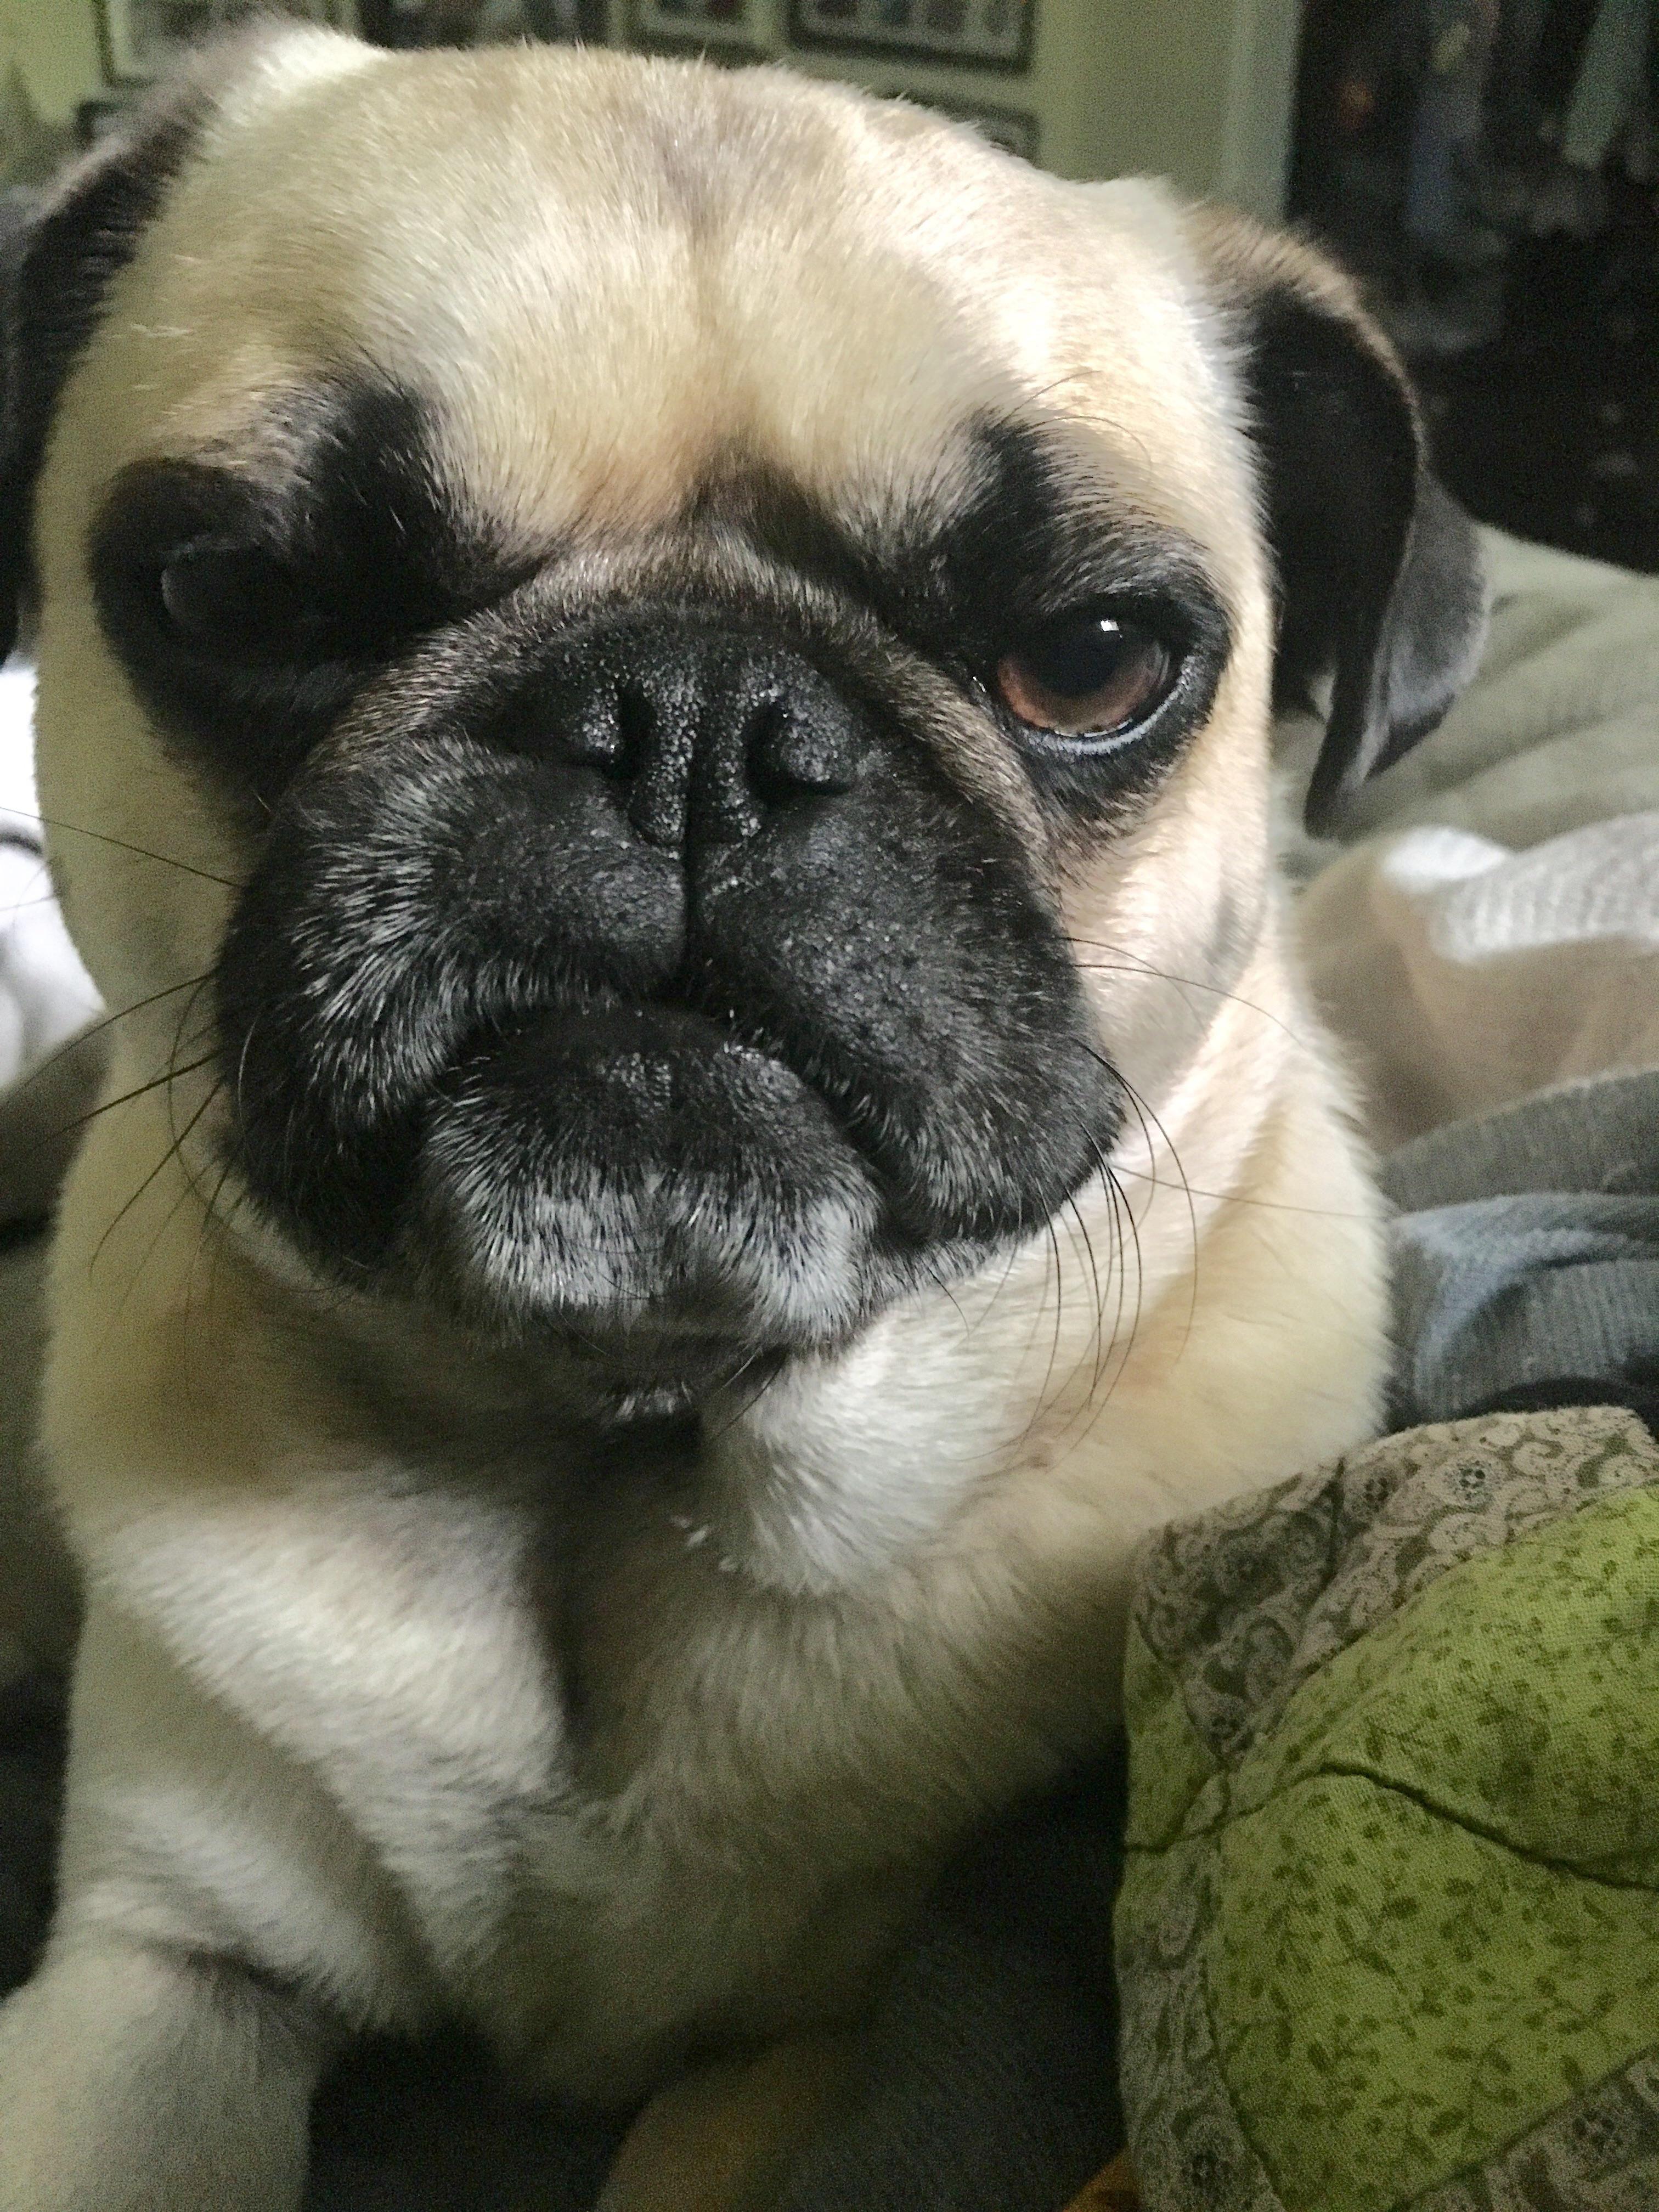 Angry Pug Angry Pug Pugangry Angrypug Upsetmoodsofpug